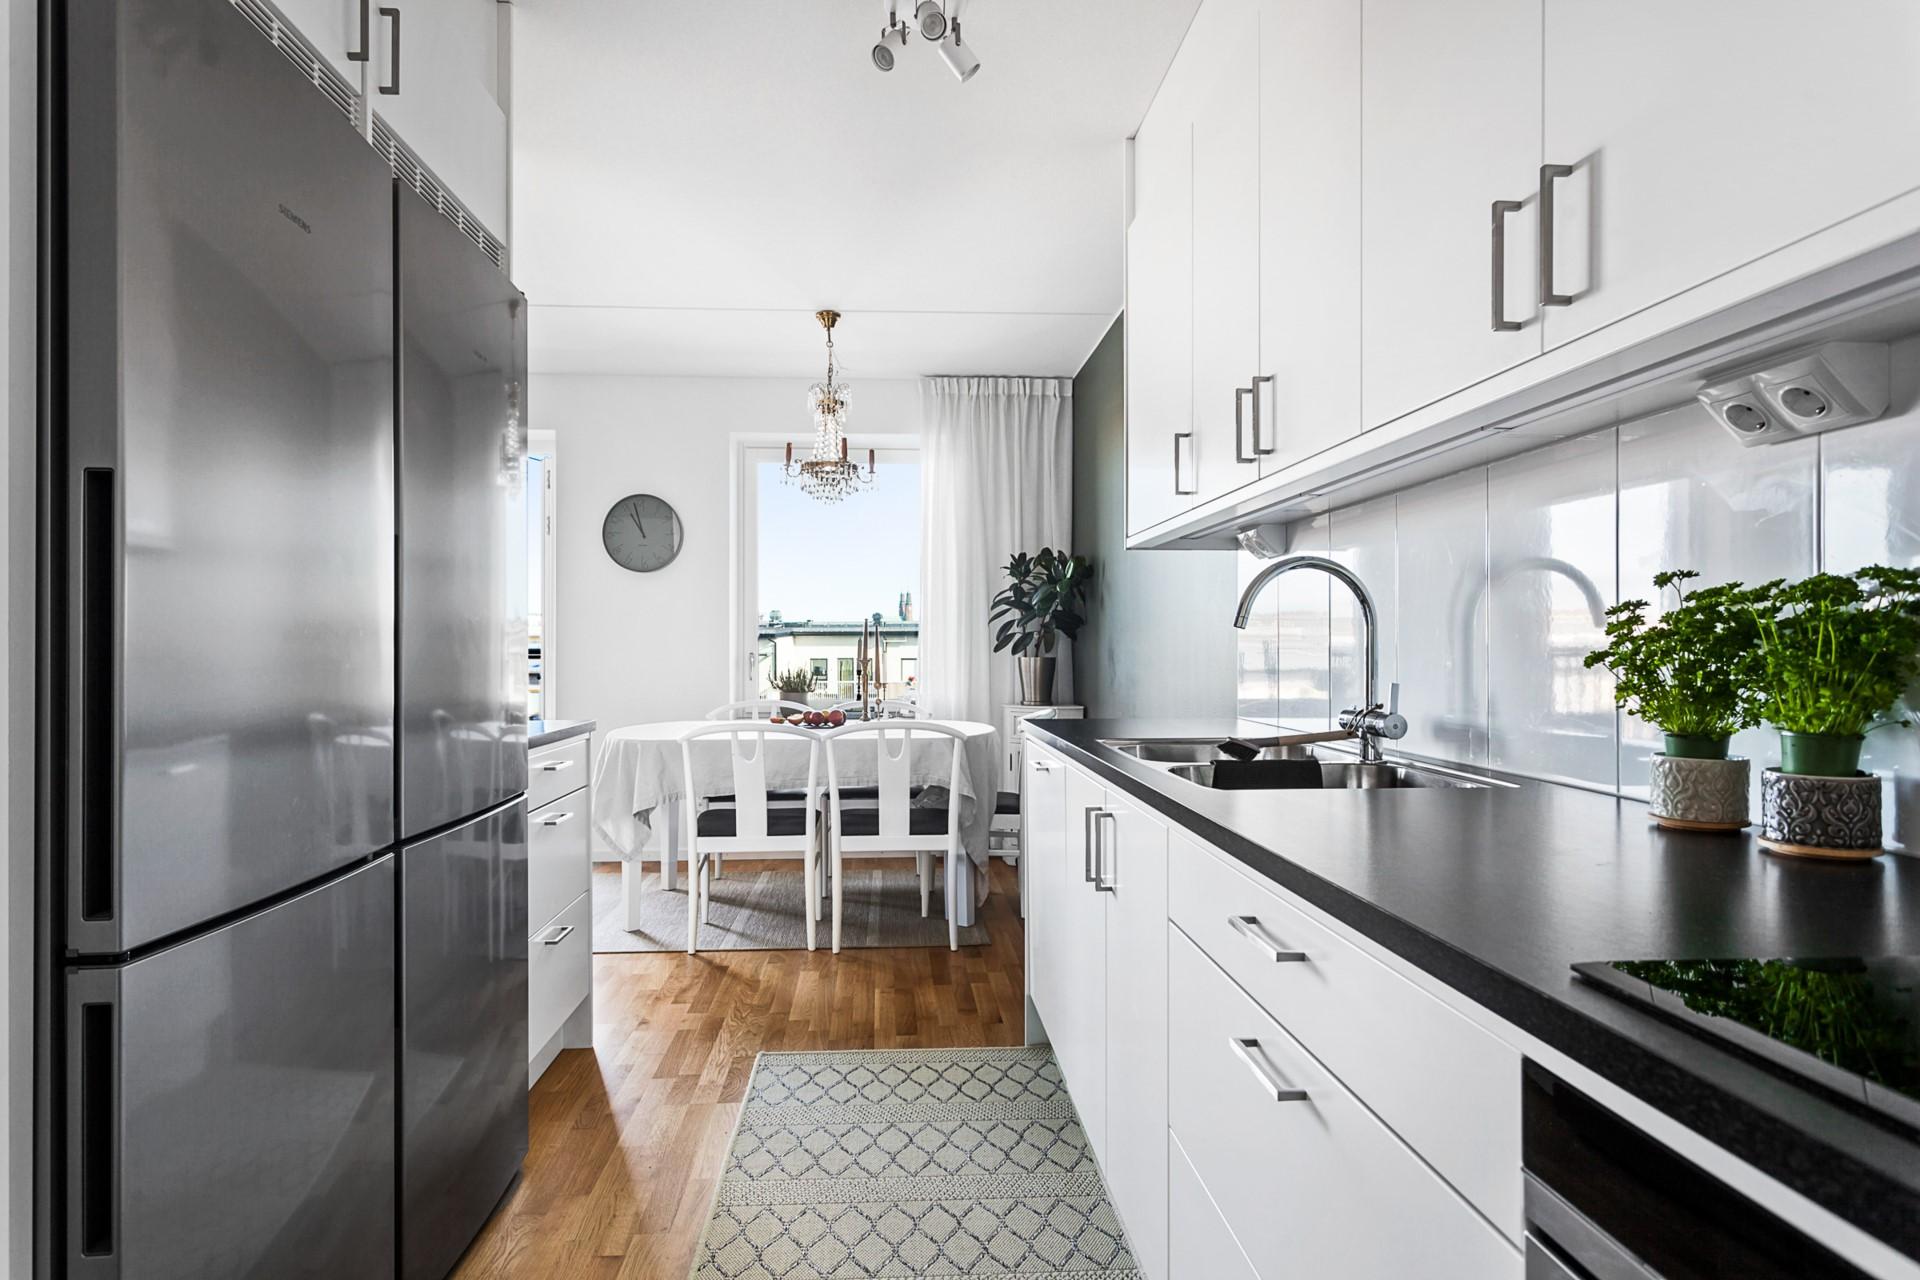 Oskarslundsbacken 1, 7tr, Högst upp! - Fint kök i vitt med bra maskinpark. Här finns även en avfallskvarn.